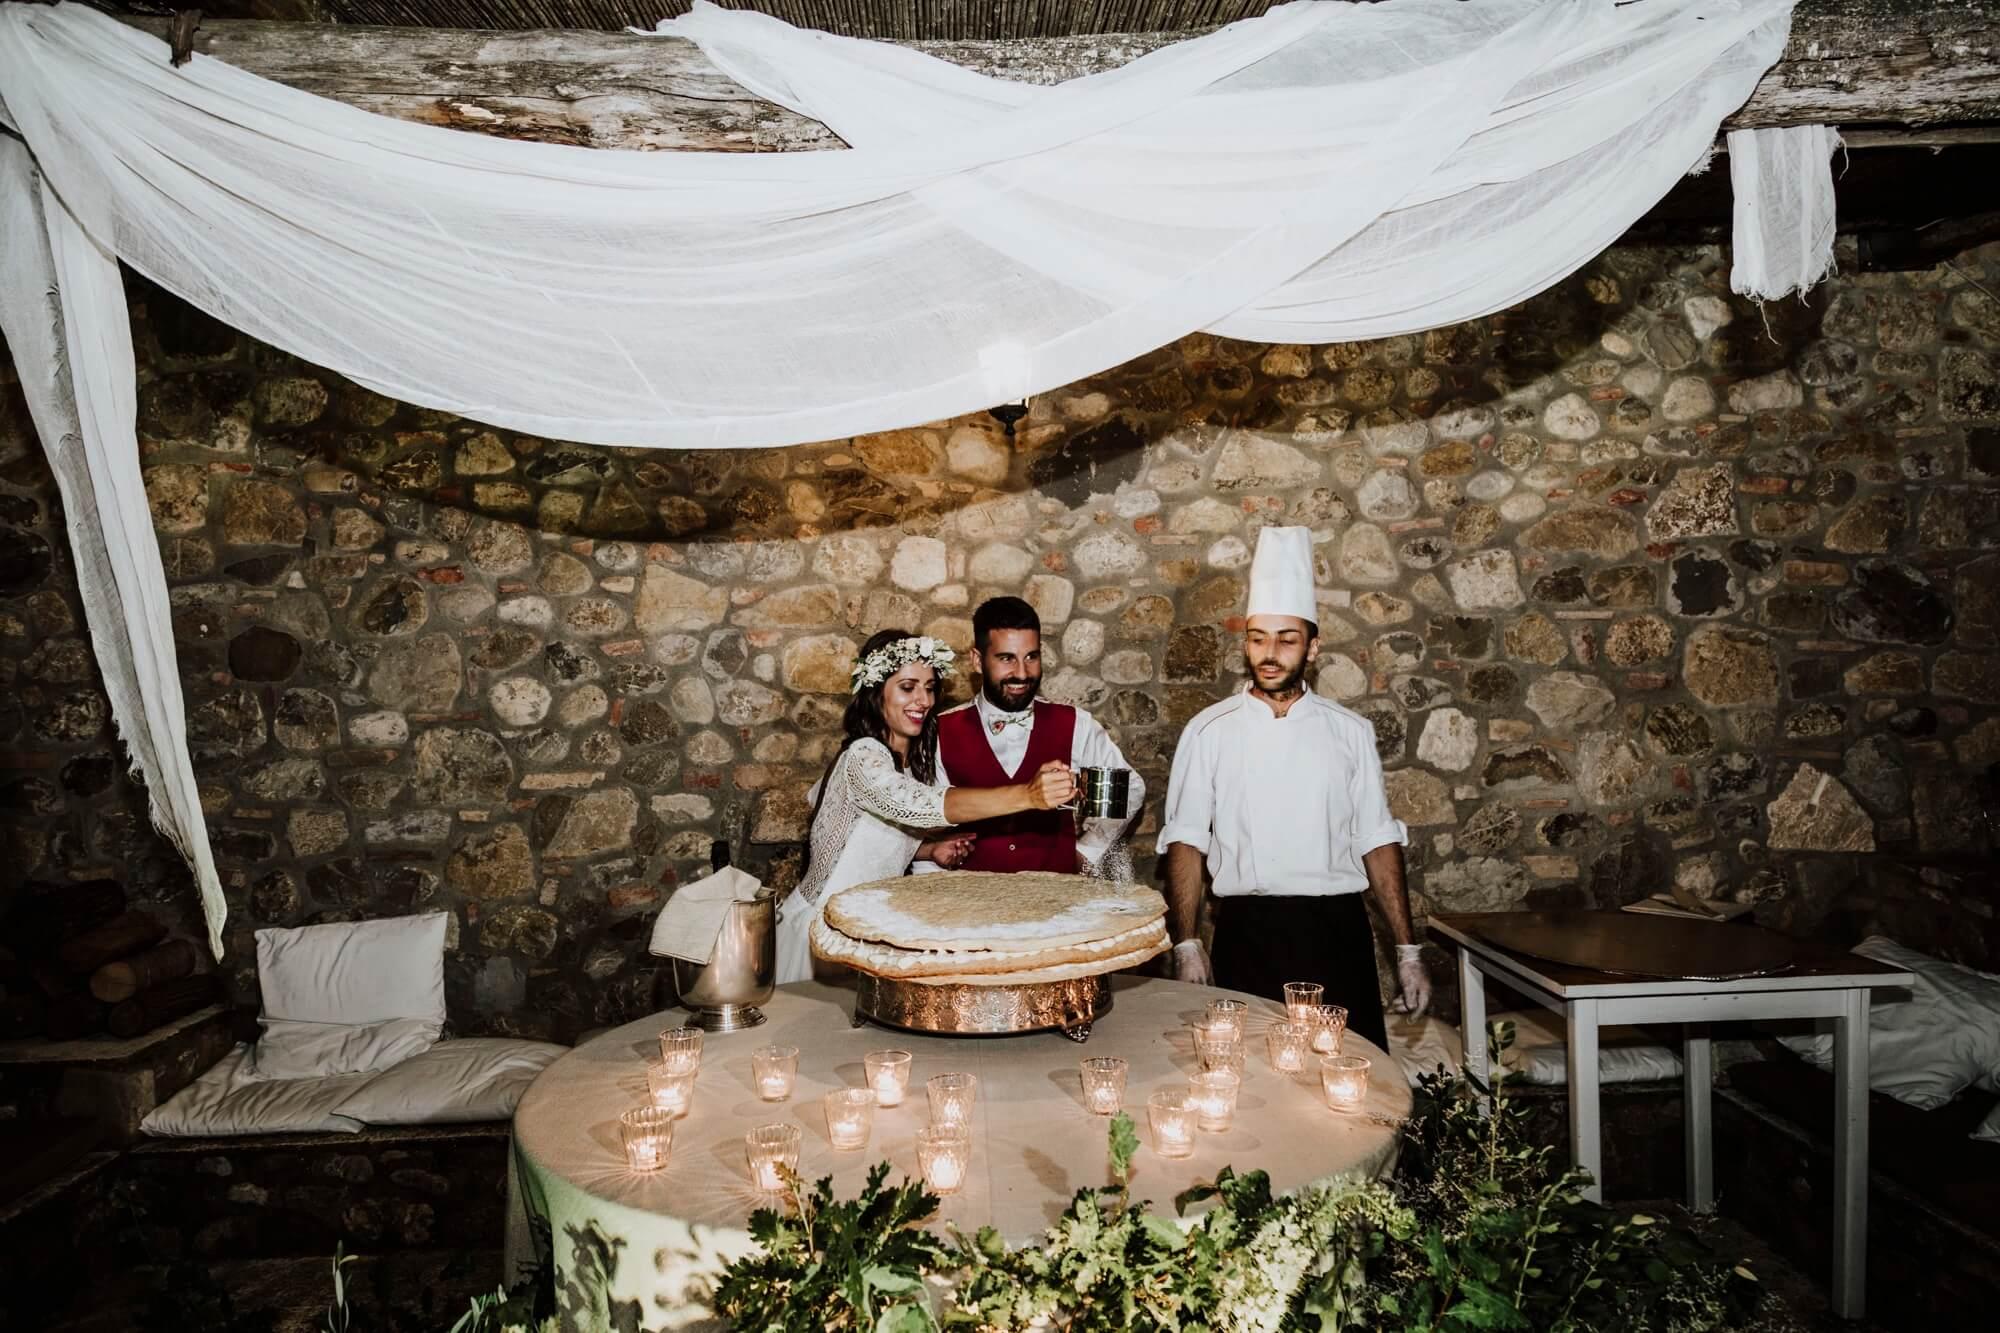 Servizio di cake design per la torta nuziale di matrimonio in Toscana, Firenze, Pisa, iena, Chianti, Lucca. Giulia Alessandri Wedding Planner: progettazione e coordinazione matrimoni in Toscana.